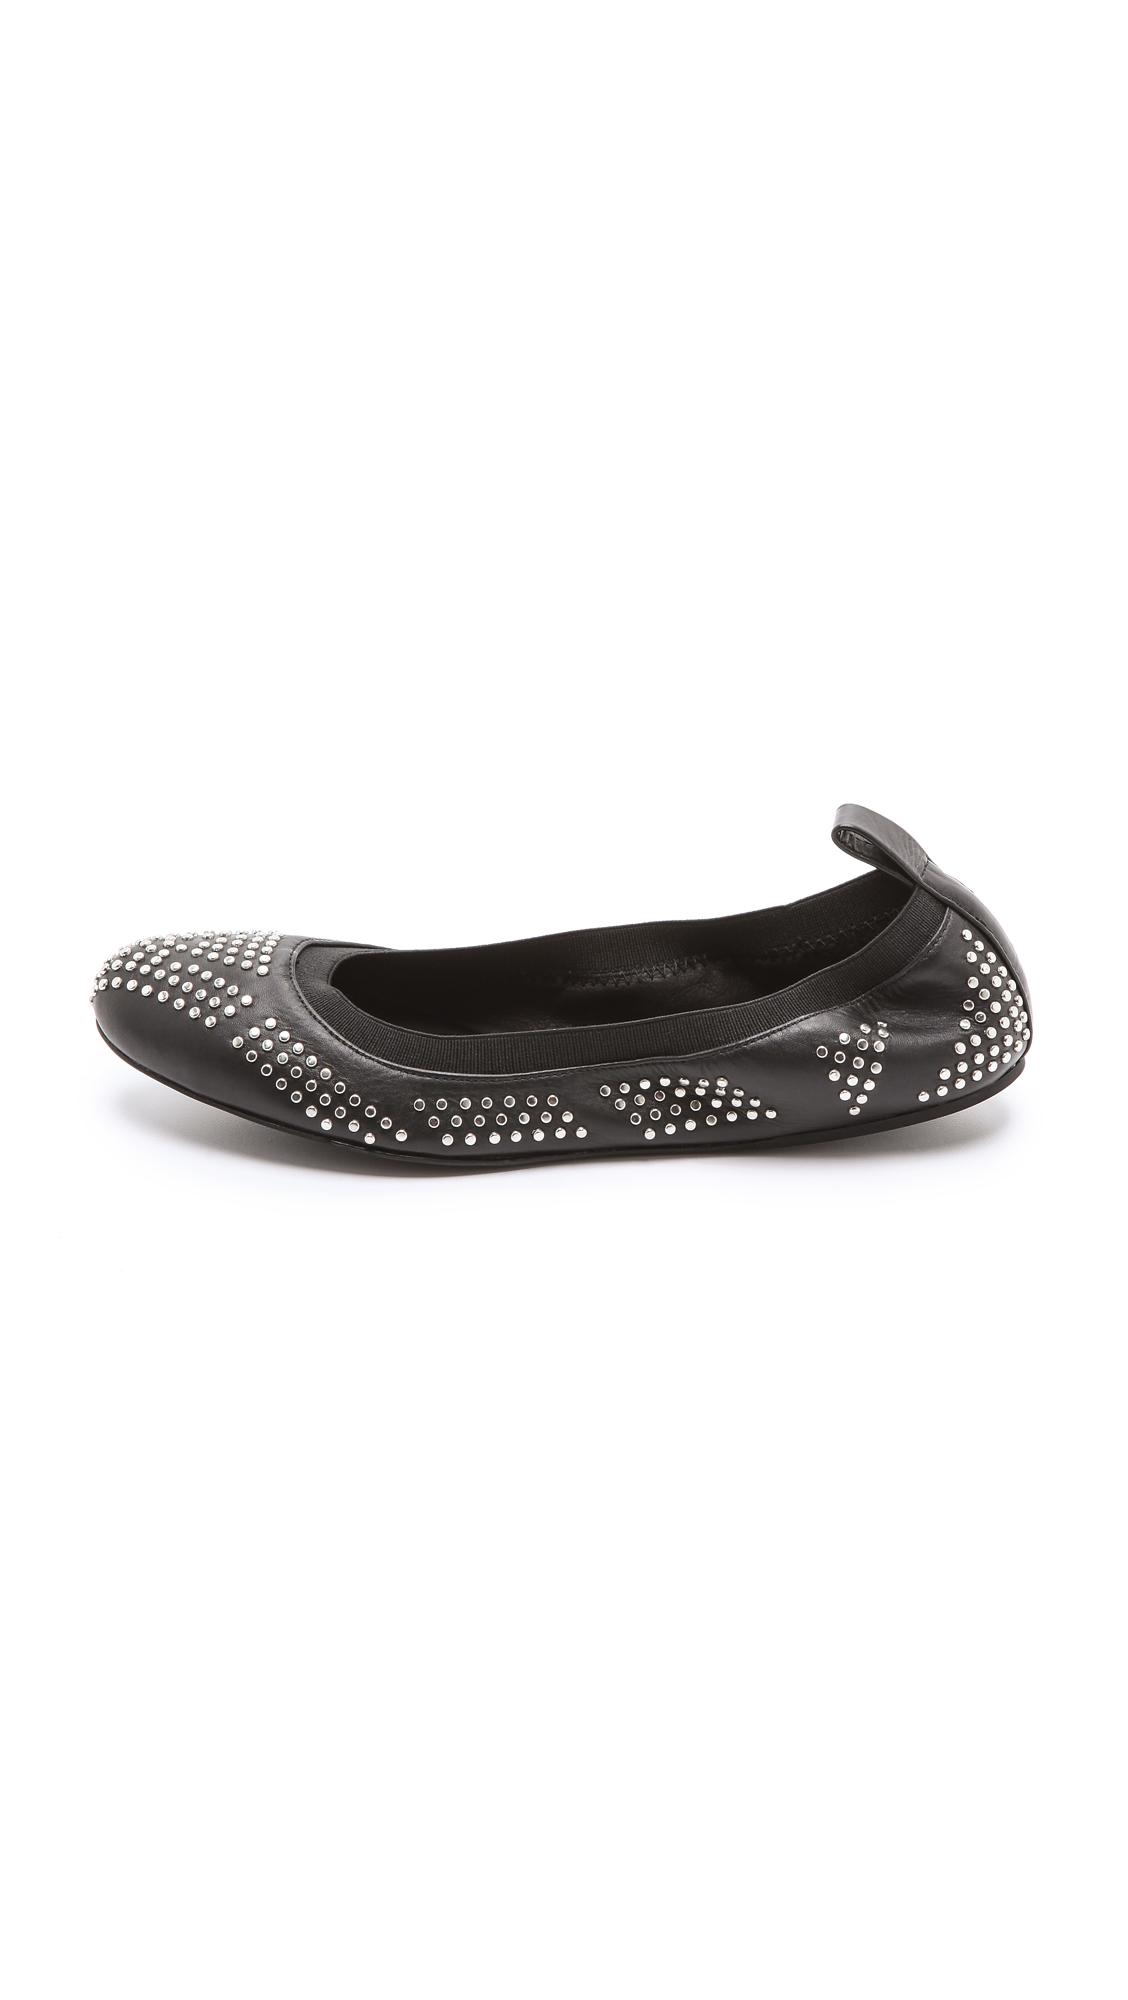 Voir Par Chloé Élastiquées Chaussures Ballerine - Noir SCa8xj1Ji